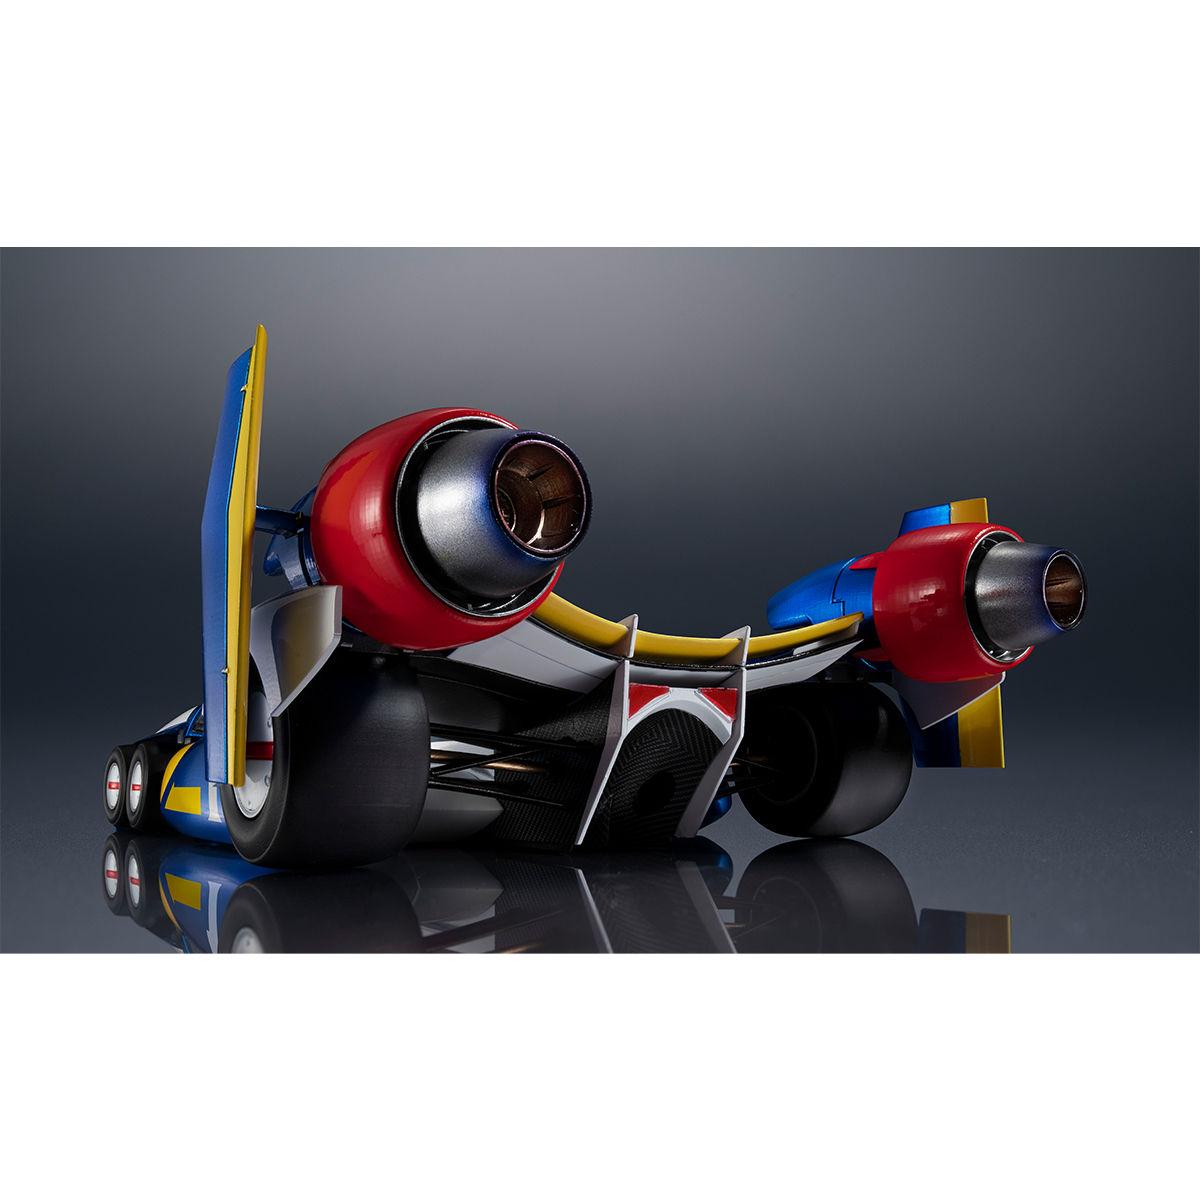 ヴァリアブルアクション Hi-SPEC『スーパーアスラーダ AKF-11』新世紀GPXサイバーフォーミュラ 1/18 可動モデル-006